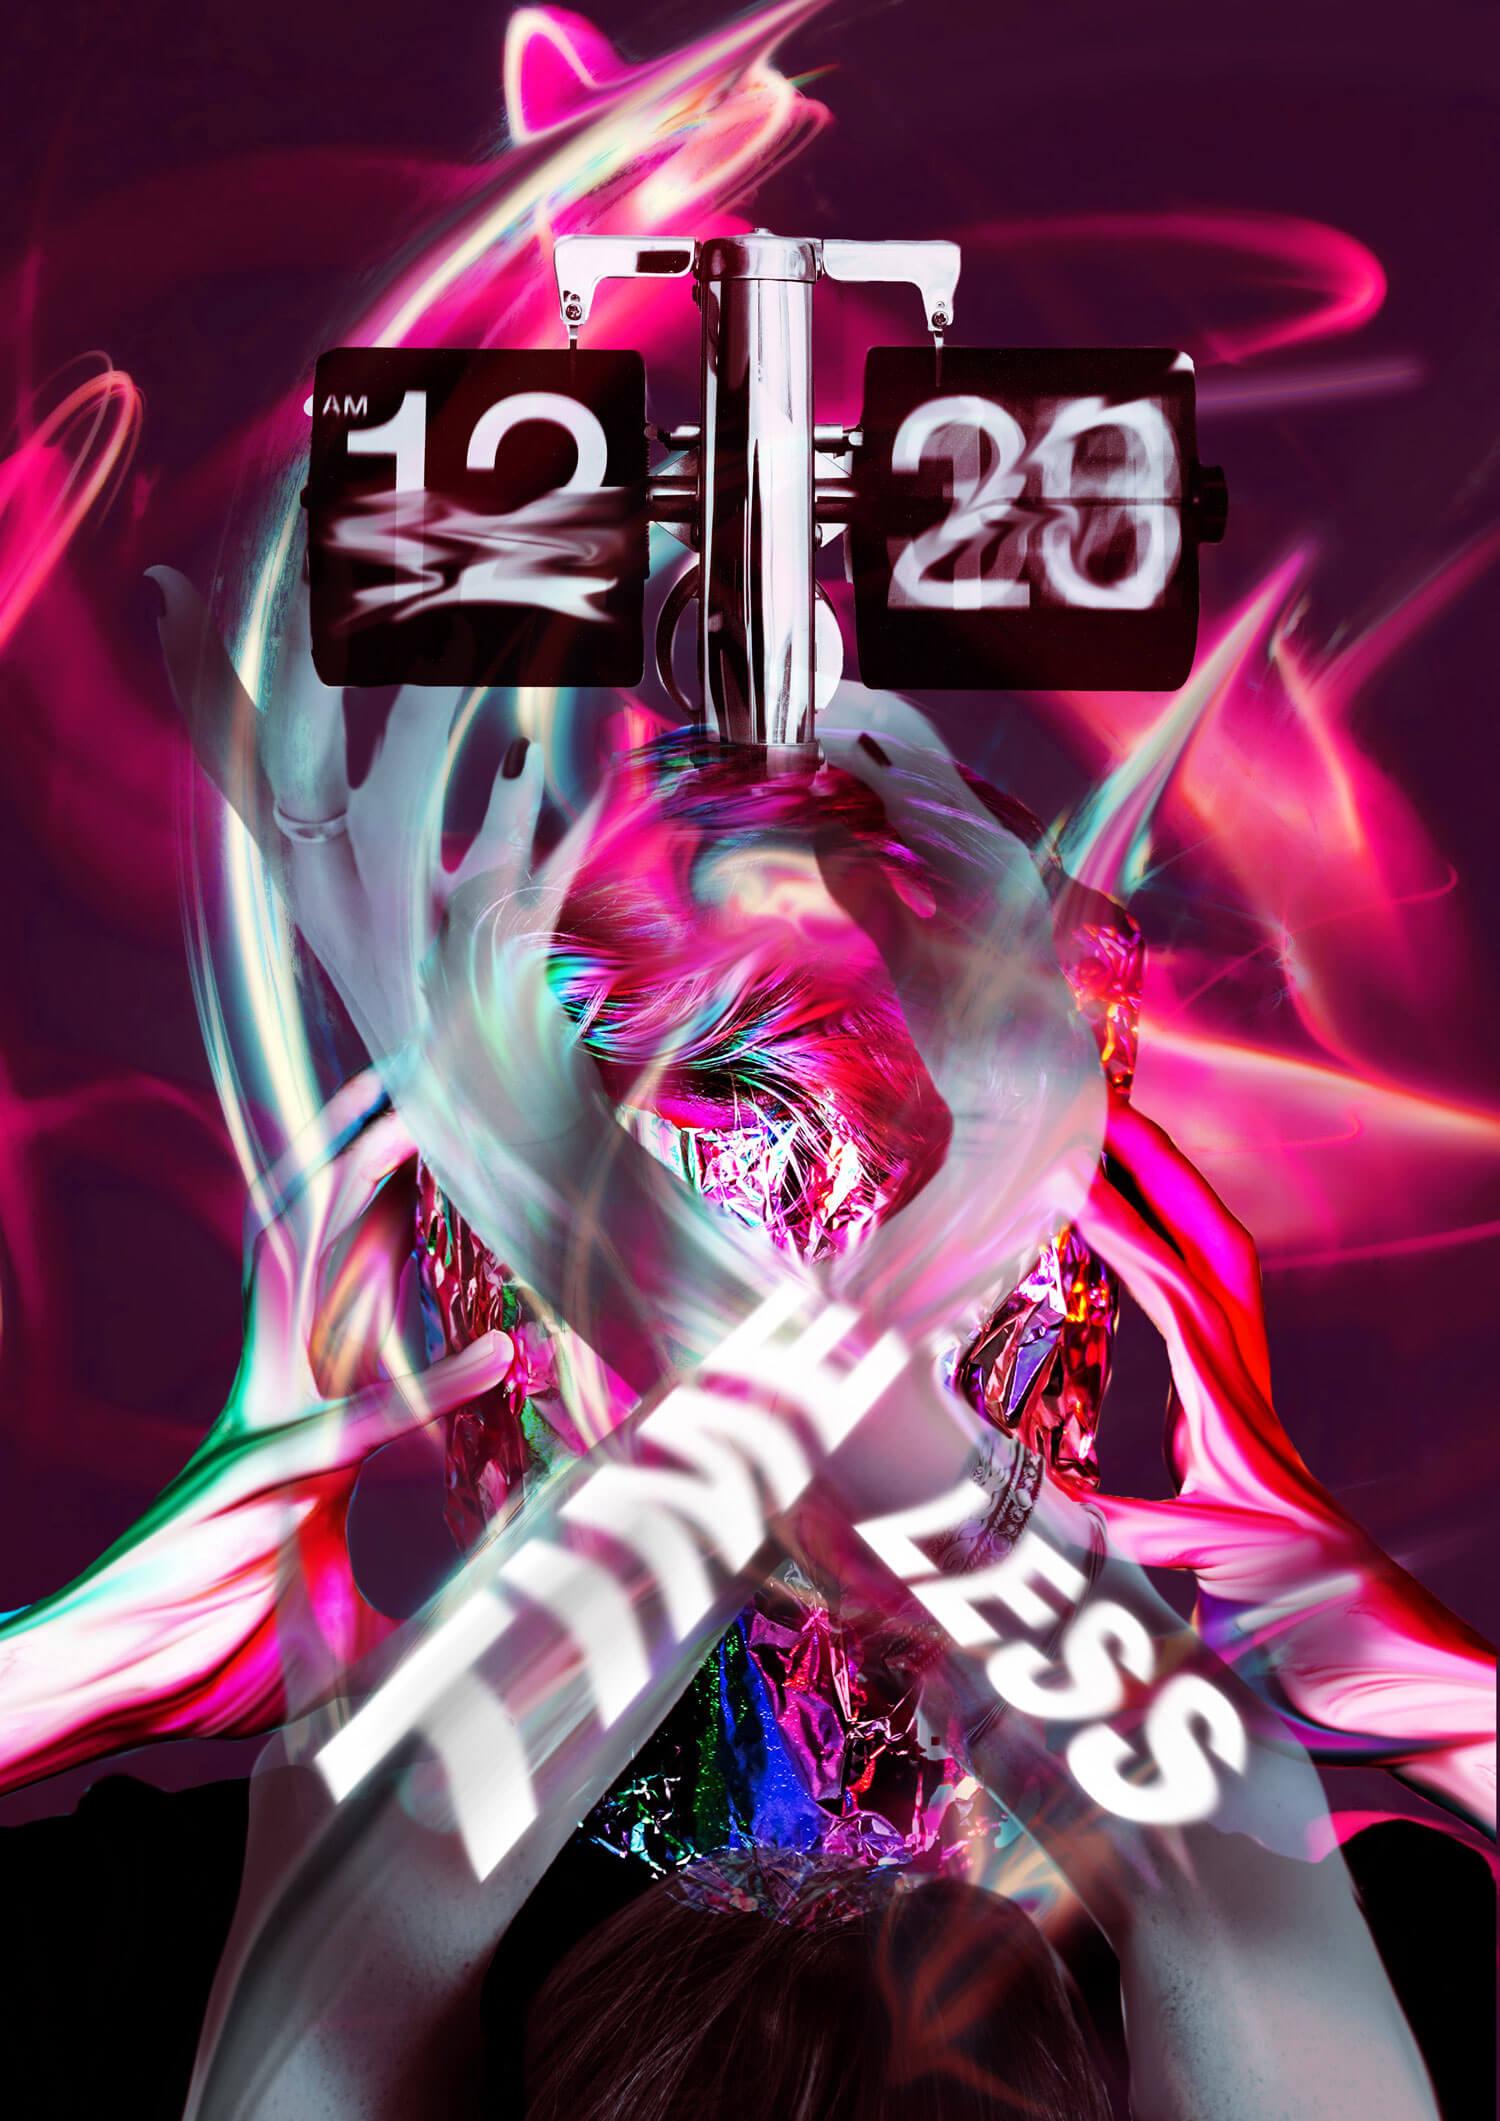 timeless-spirit-us-poster